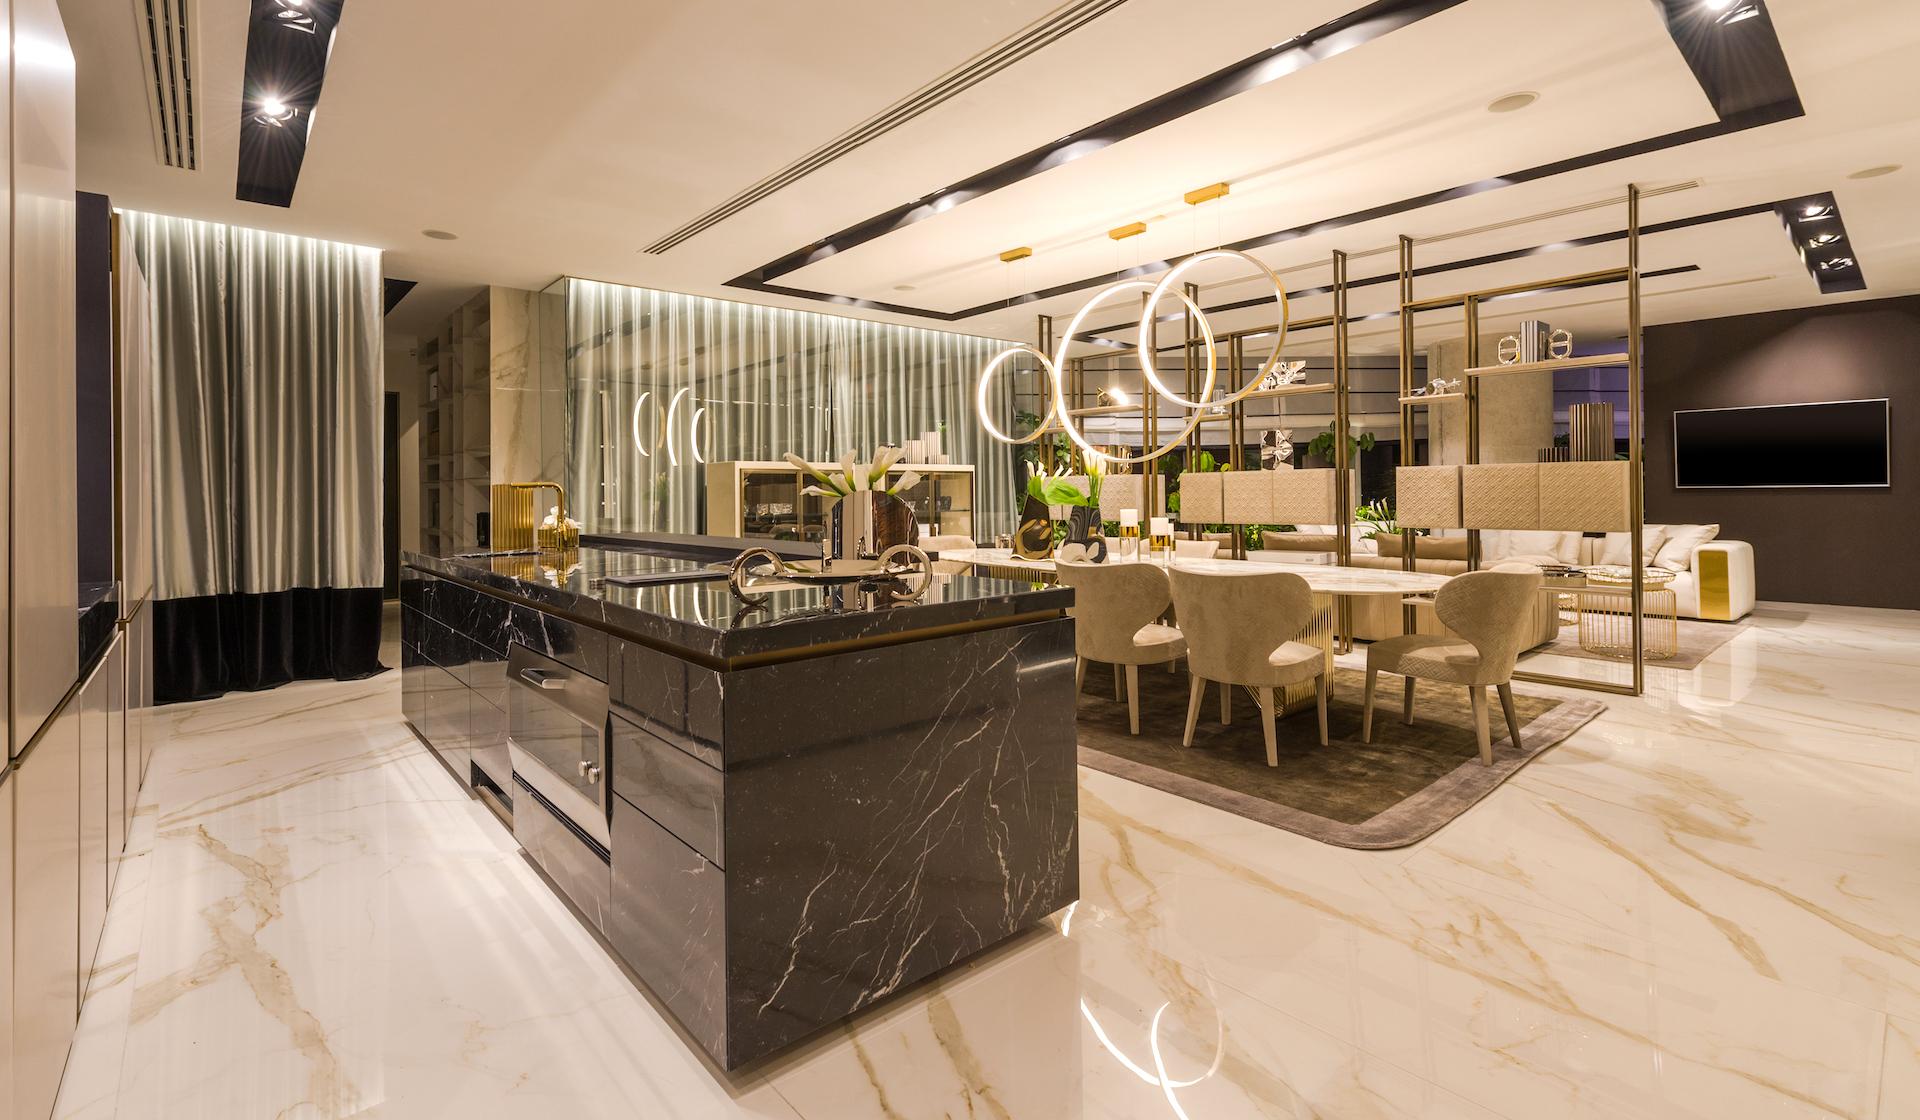 Cucina con lato colonne lineare e isola nello showroom a Cancun - TMItalia_5senses-7755_realizzazione3